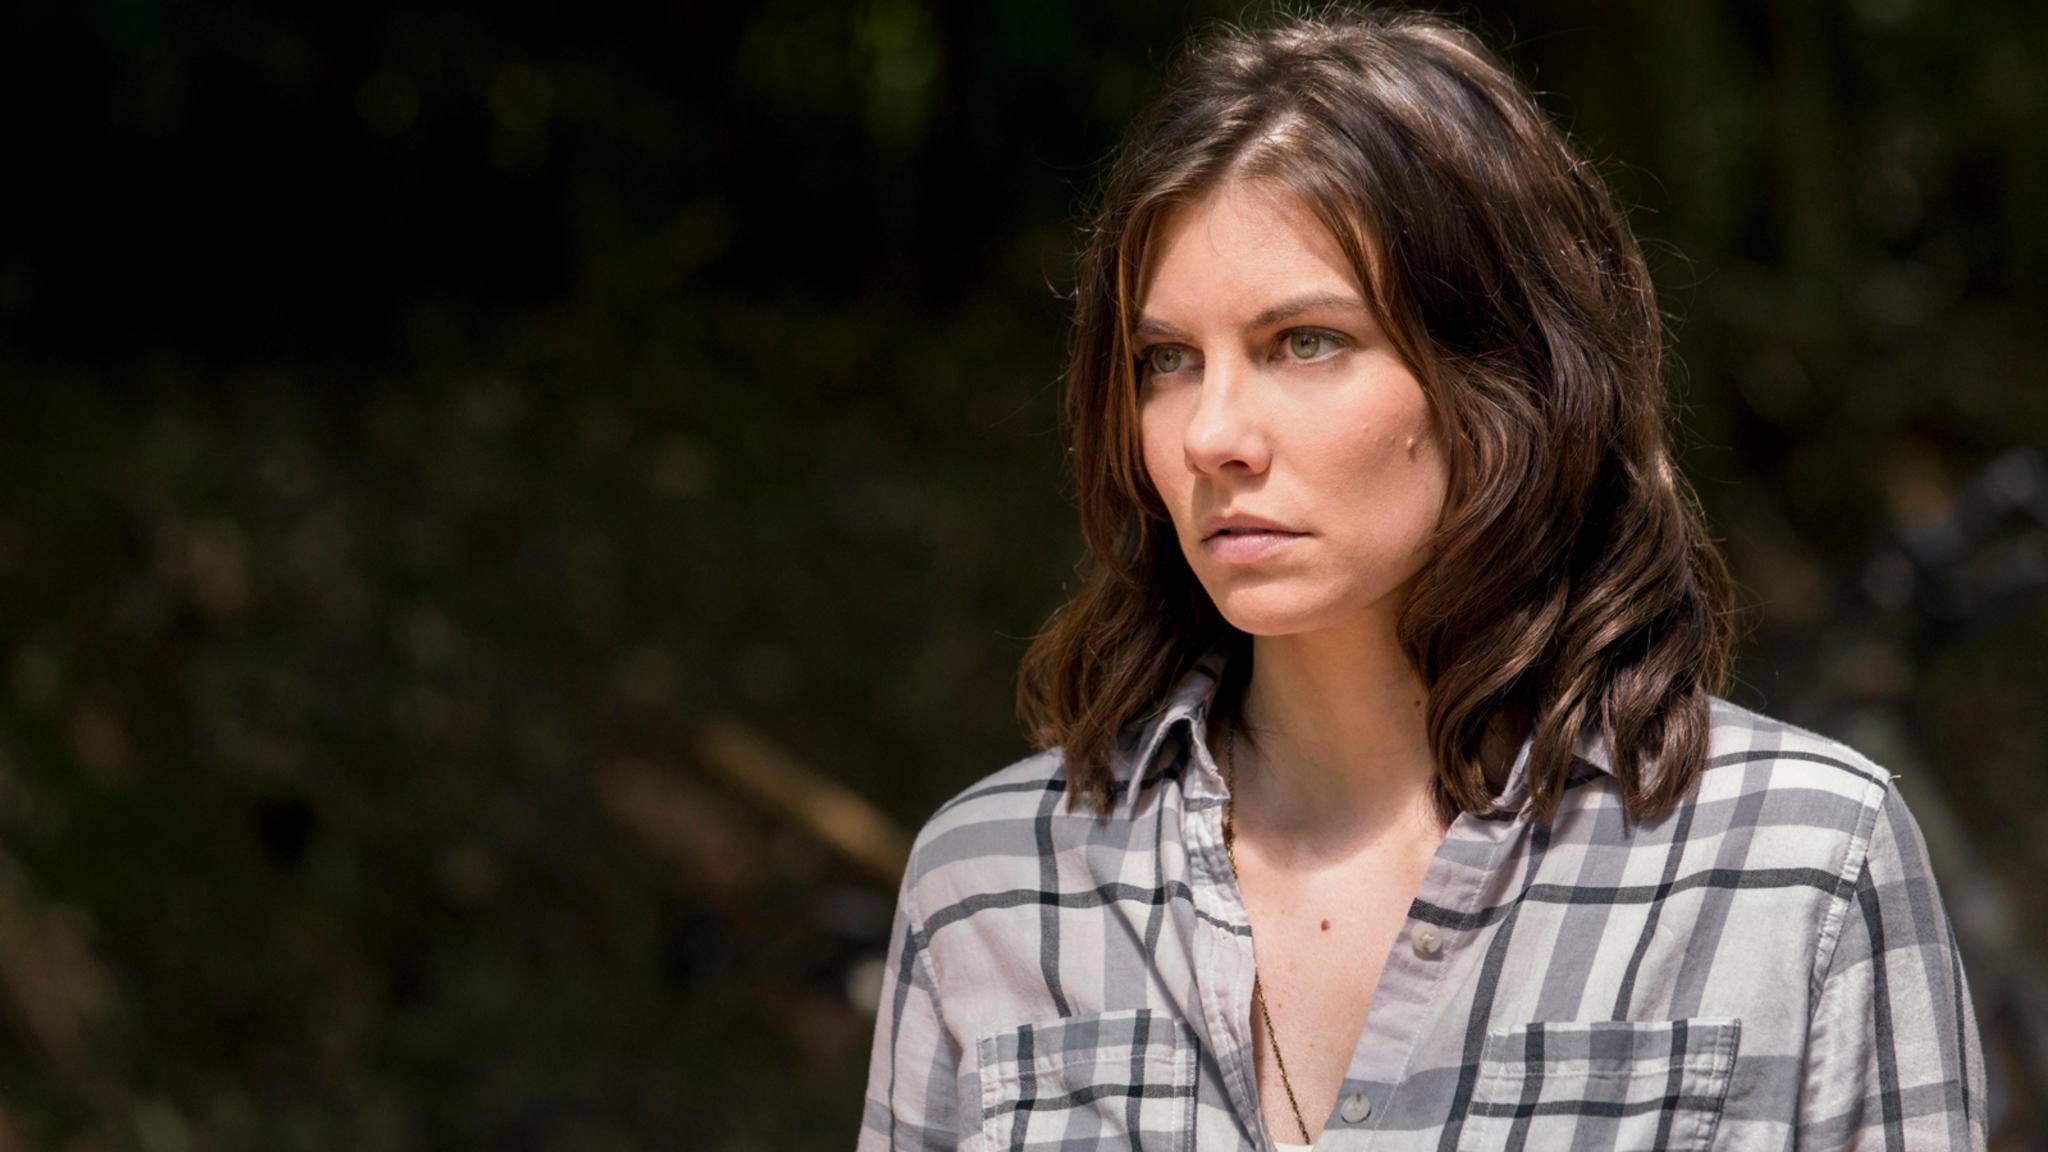 The Walking Dead-Gruppenfoto: Neues Bild mit Lauren Cohan sorgt für Aufregung